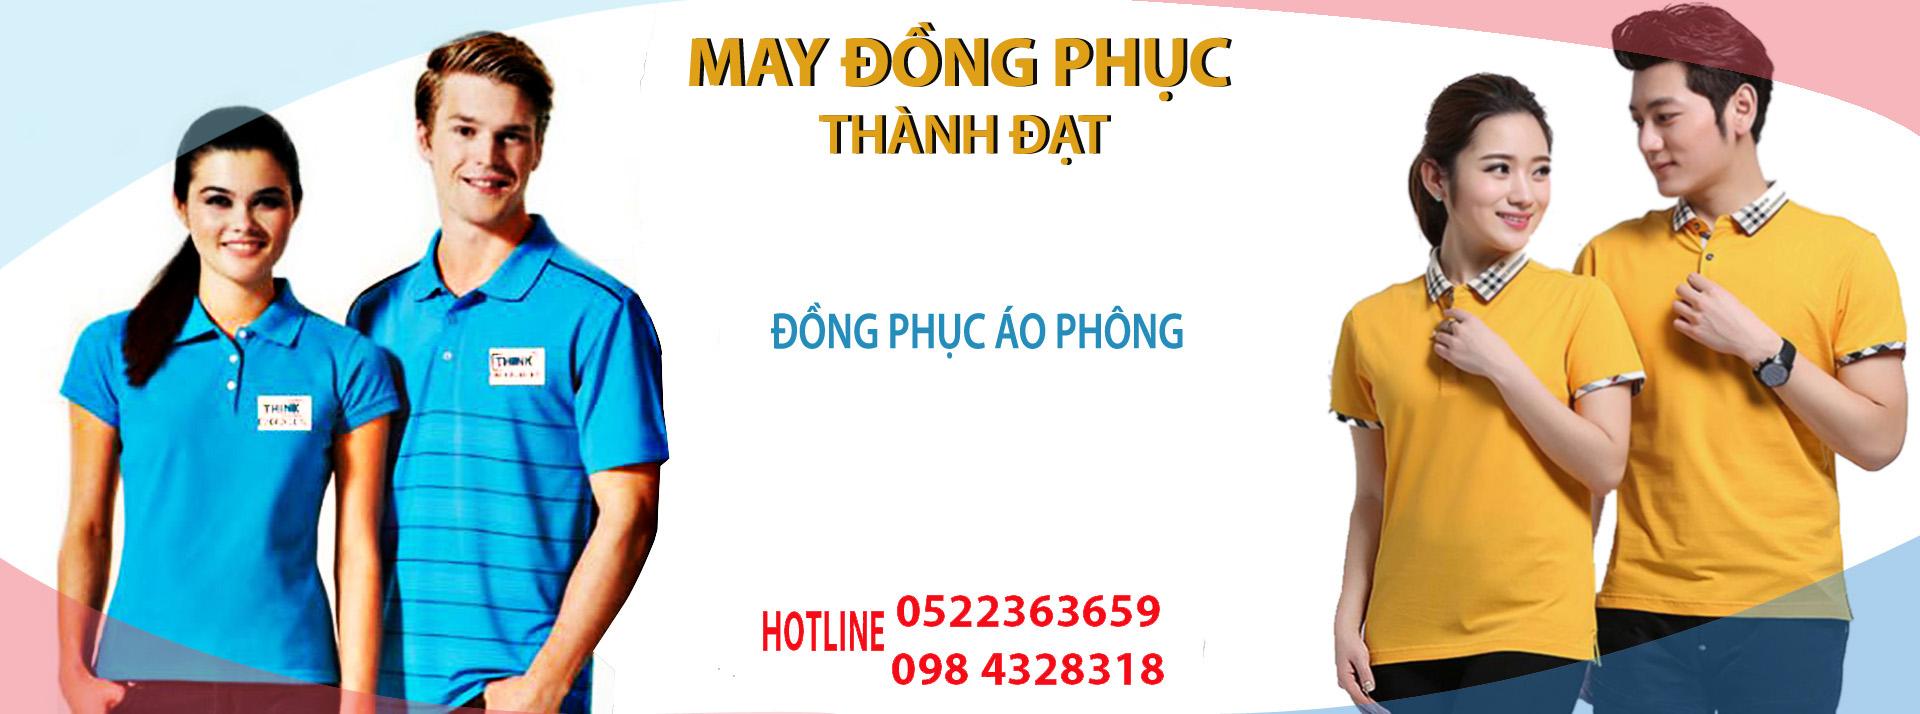 MAY THANH ĐẠT